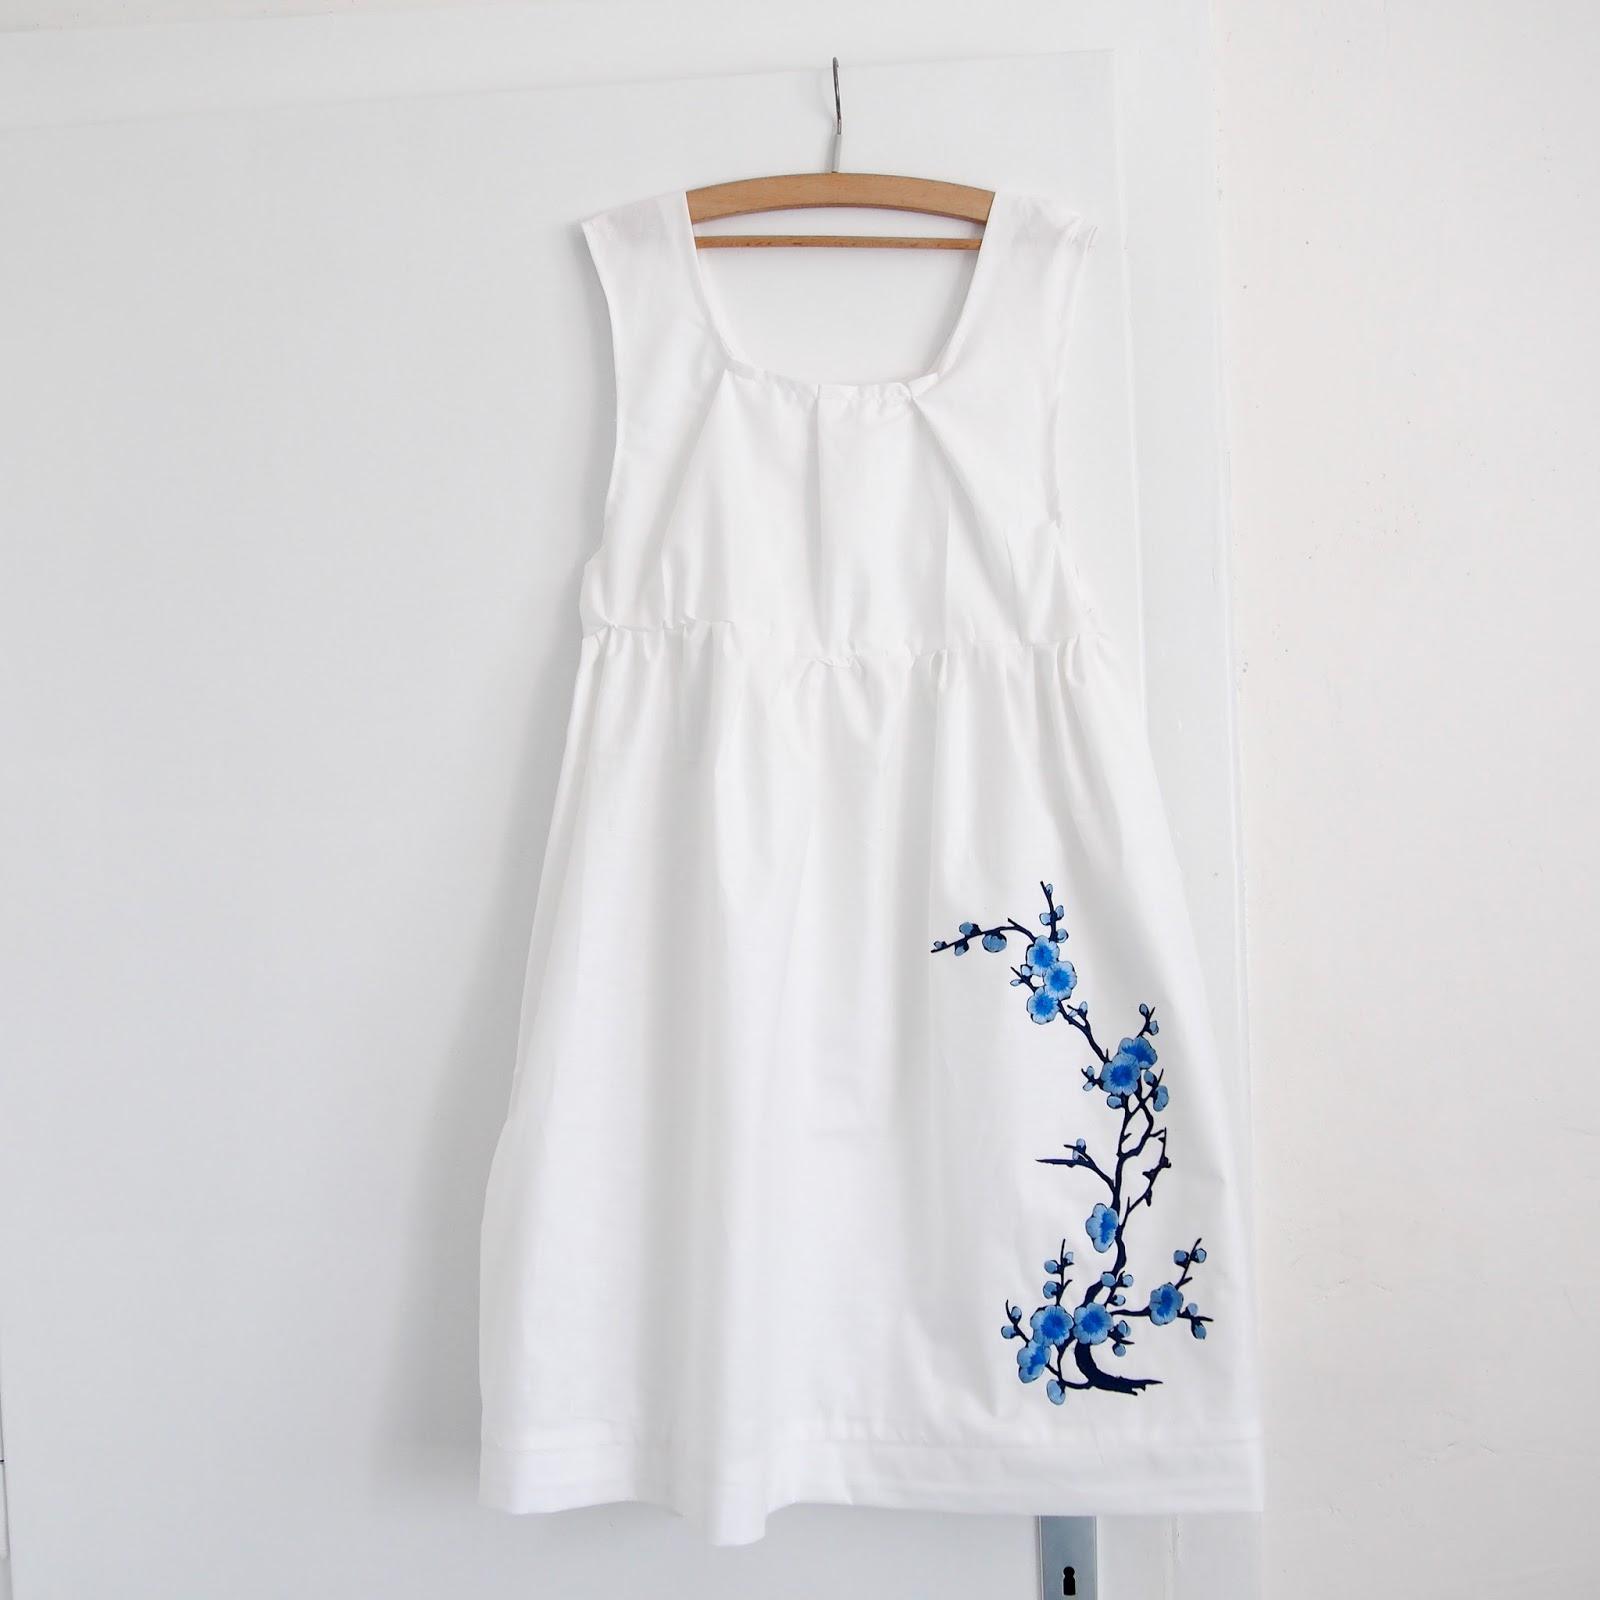 c14a98c25 Nažehlovačku jsem objednala na Aliexpressu, nabízí ji tam více prodejců a  cena se pohybuje do 3 dolarů. Tadá, výsledek! Určitě vám šaty ukážu i na  postavě v ...